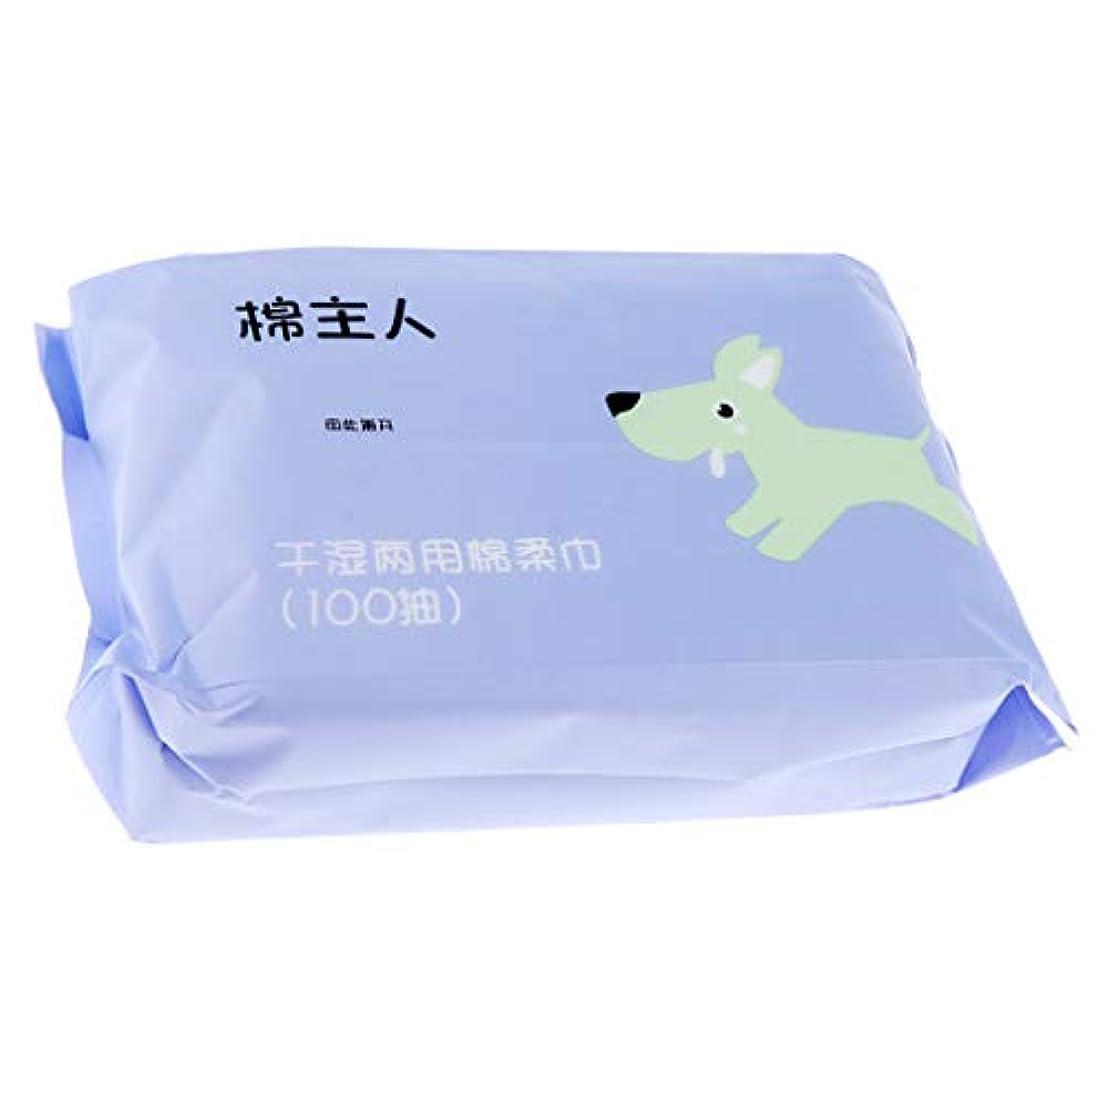 可動式ひもファントムPerfeclan 約100枚 クレンジングシート フェイス クリーニング タオル メイク落とし 清潔 衛生 非刺激 - 青紫